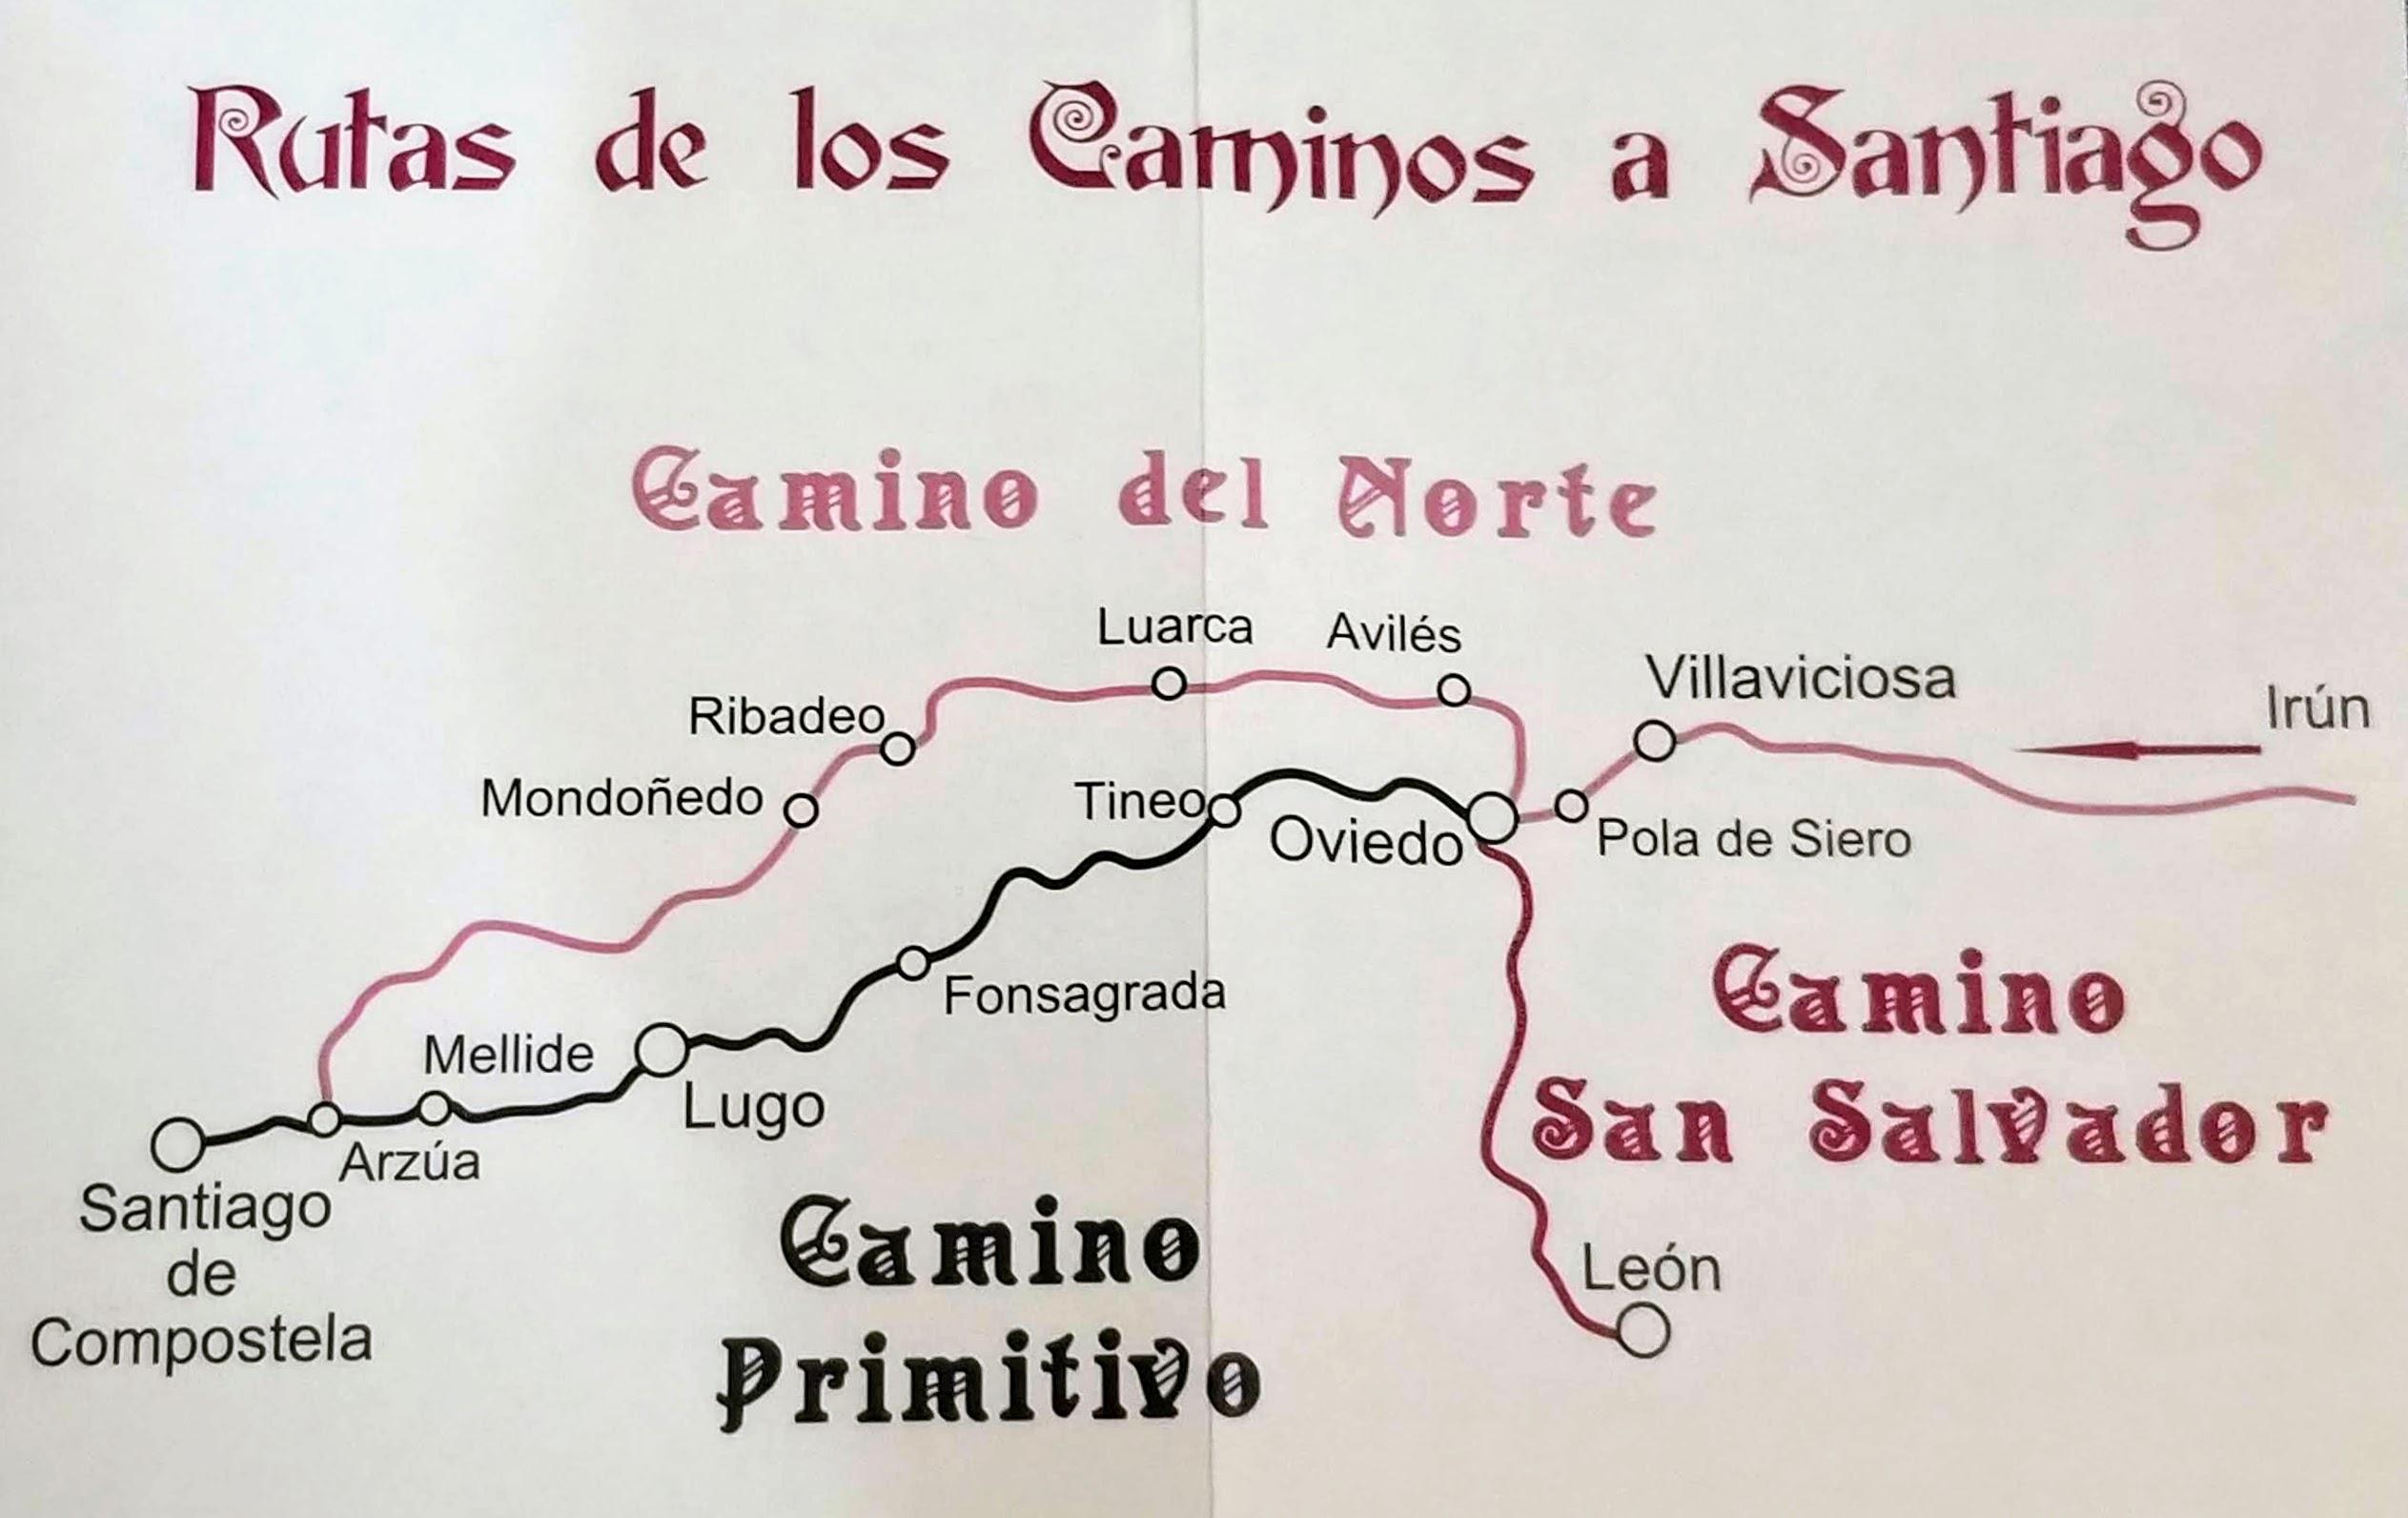 Caminos del Norte from the San Salvador Credential